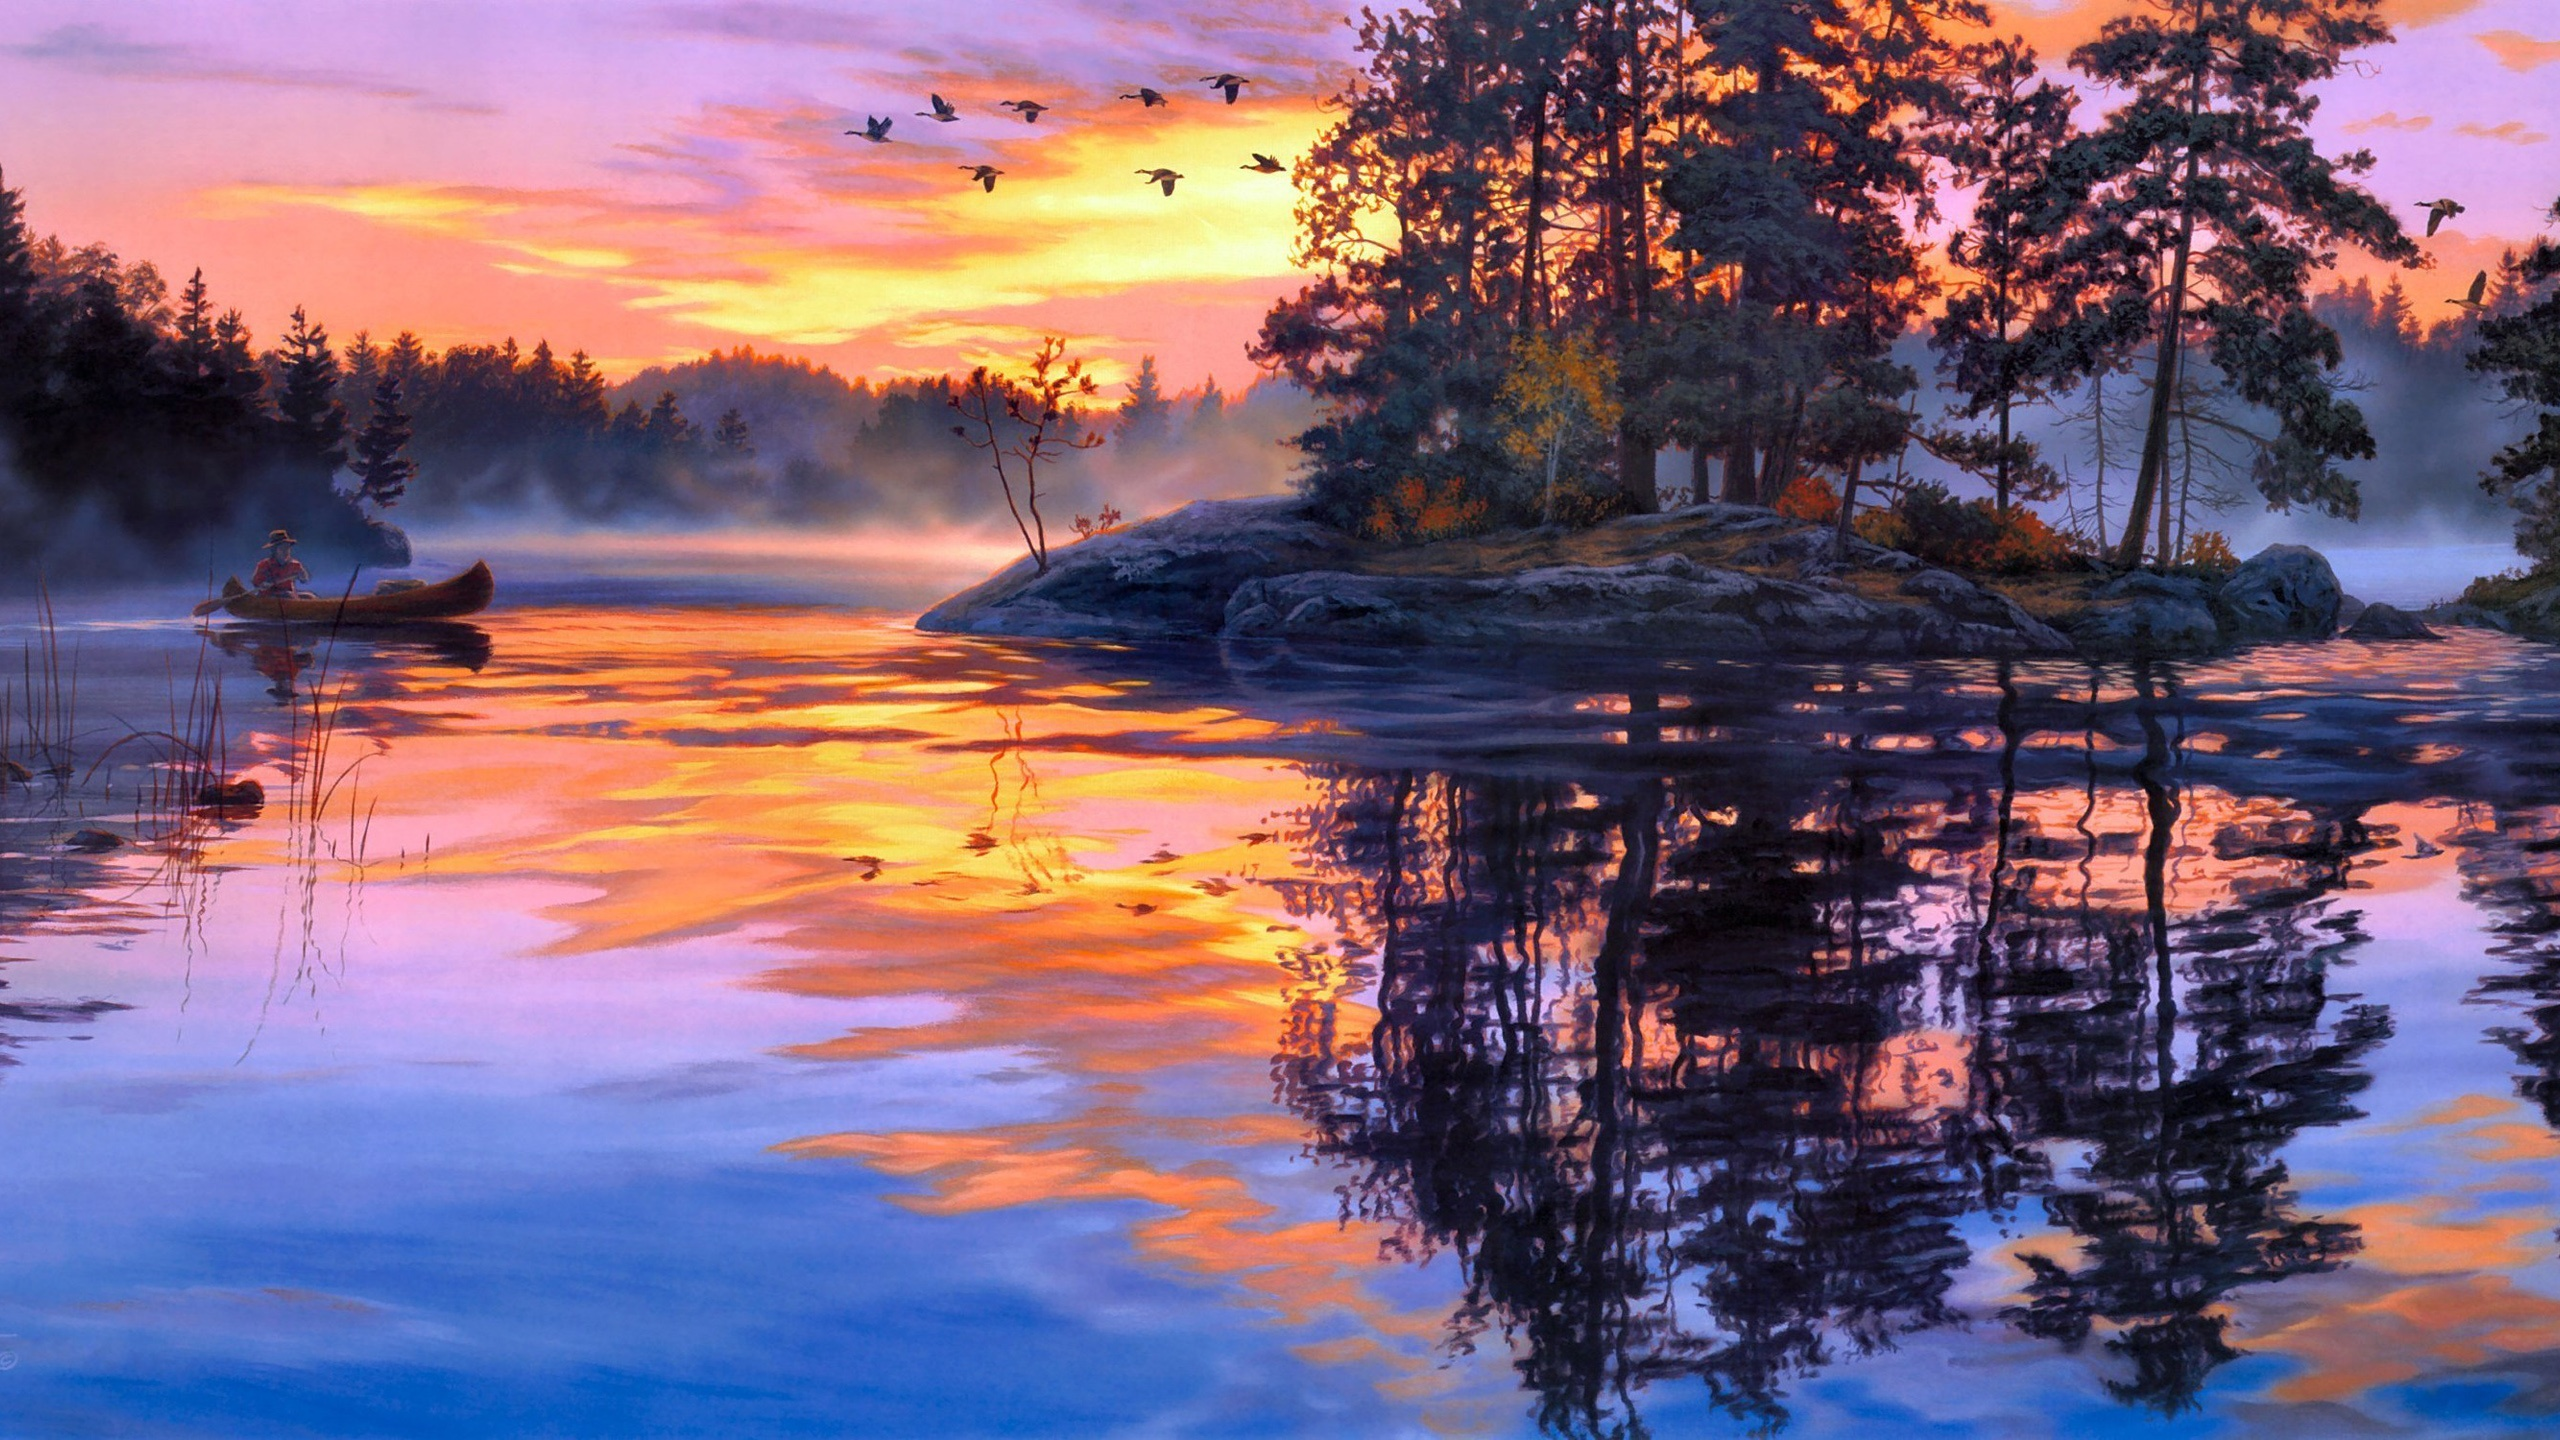 Fonds Décran Peinture Dart Crépuscule Paysage Lac Forêt